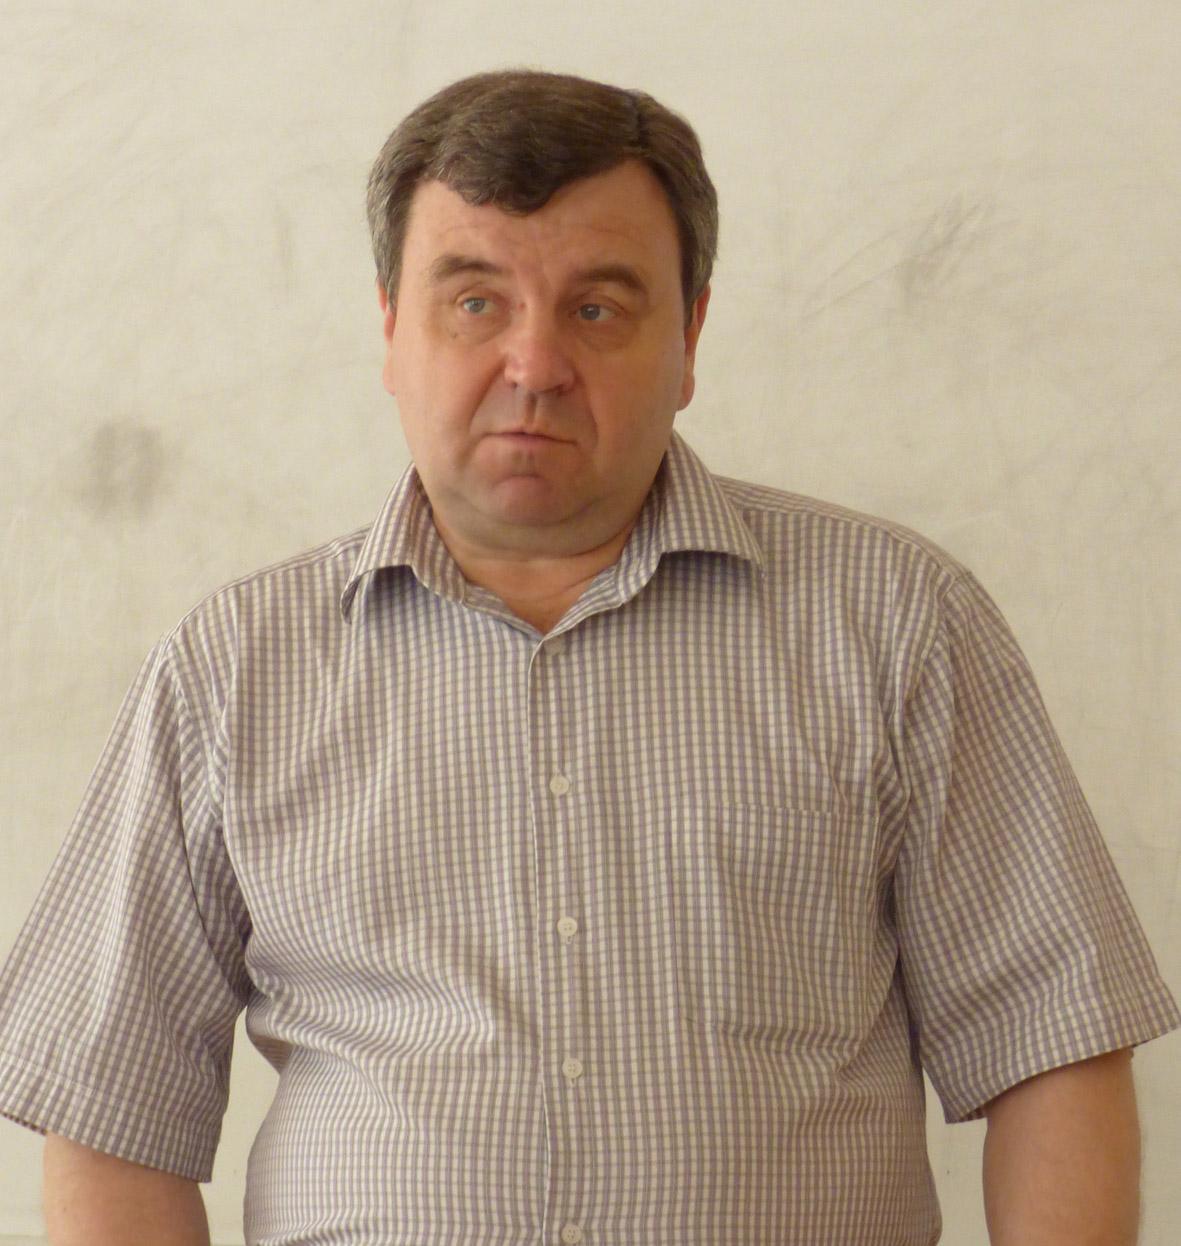 Дорошенко Андрій Олегович